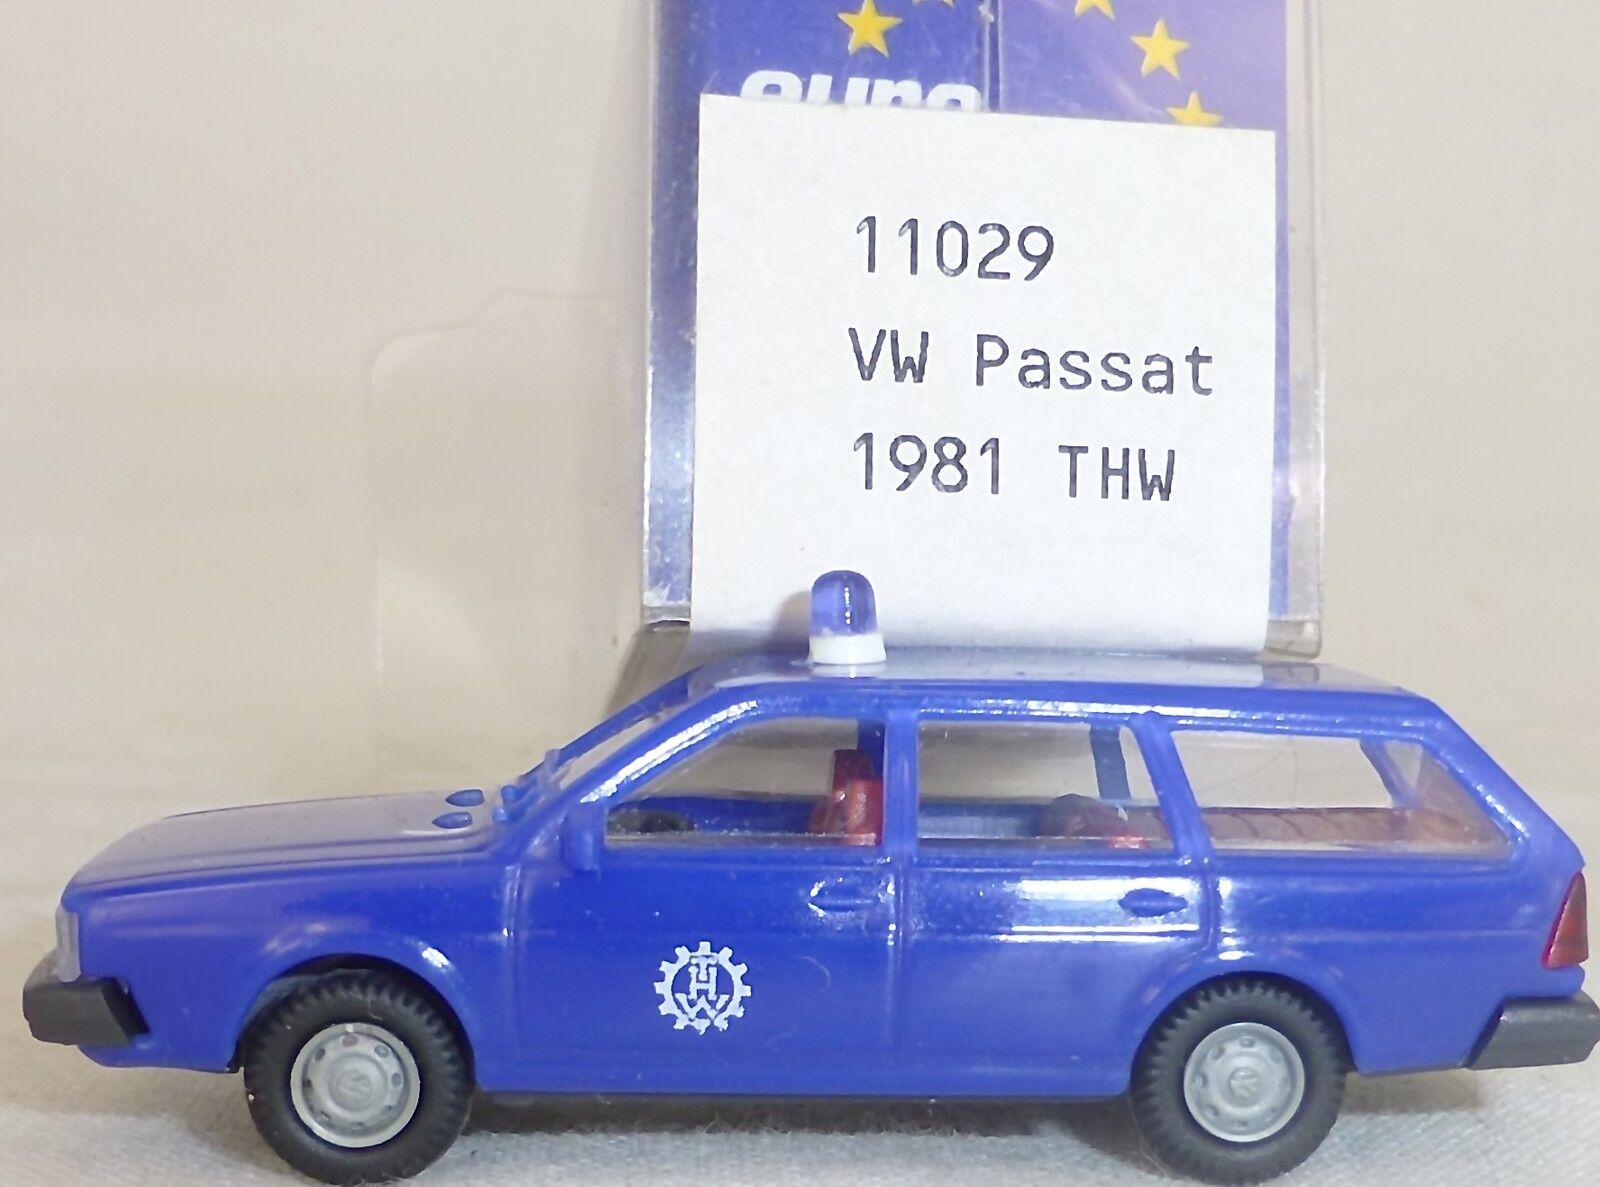 THW VW Passat Bj. 1981 blue IMU EUROMODELL 11029 H0 1 87 OVP HO 2  å